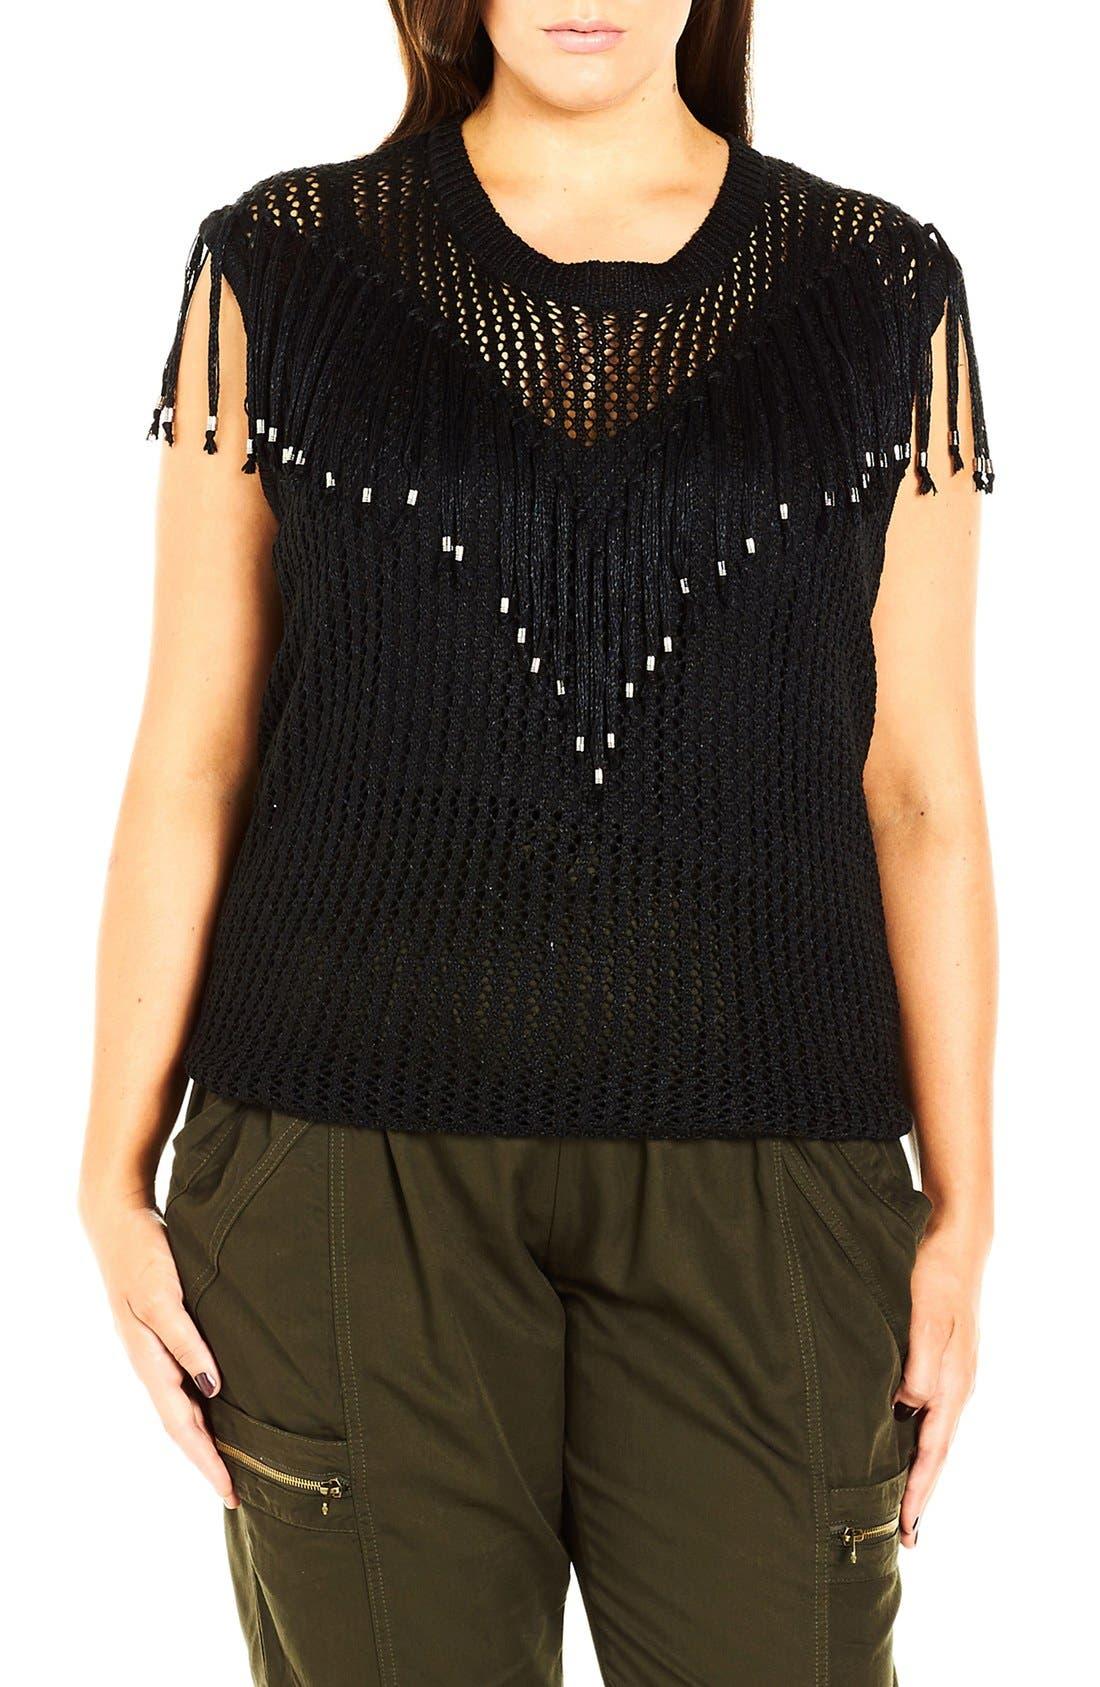 Main Image - City Chic 'Fringe Fever' Sleeveless Sweater (Plus Size)